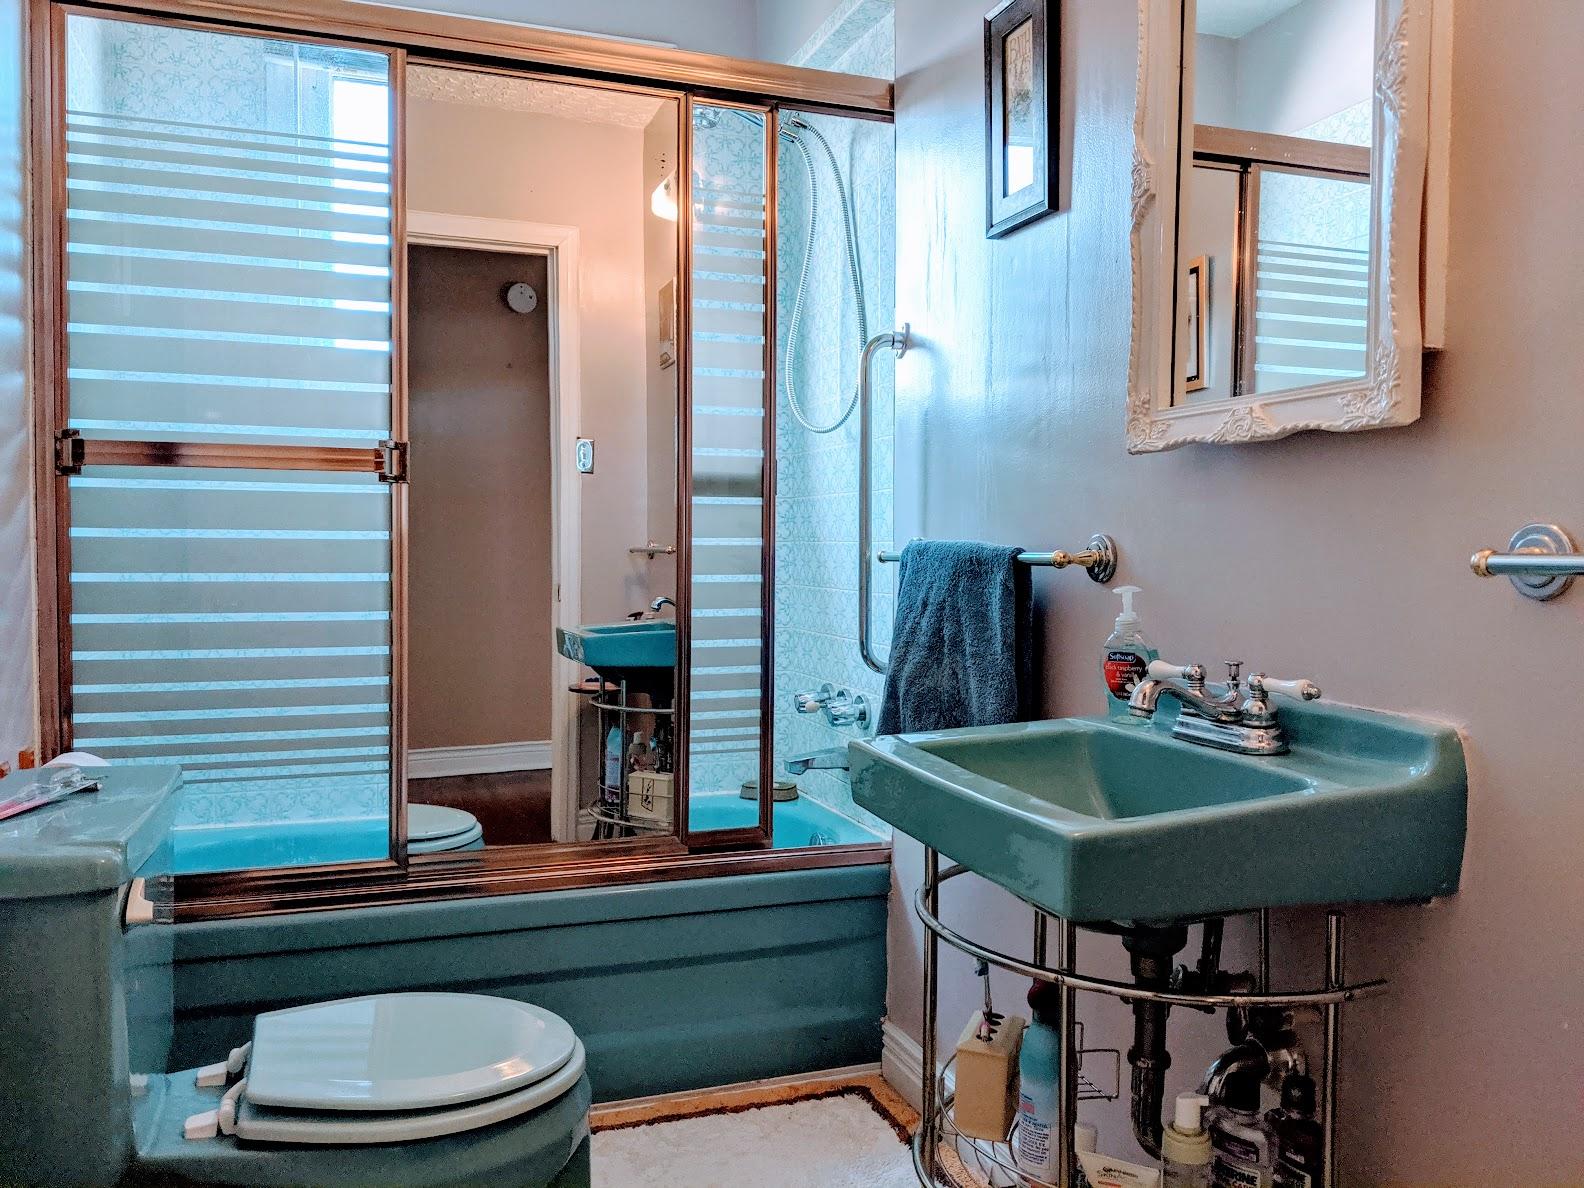 Bathroom needs a reno